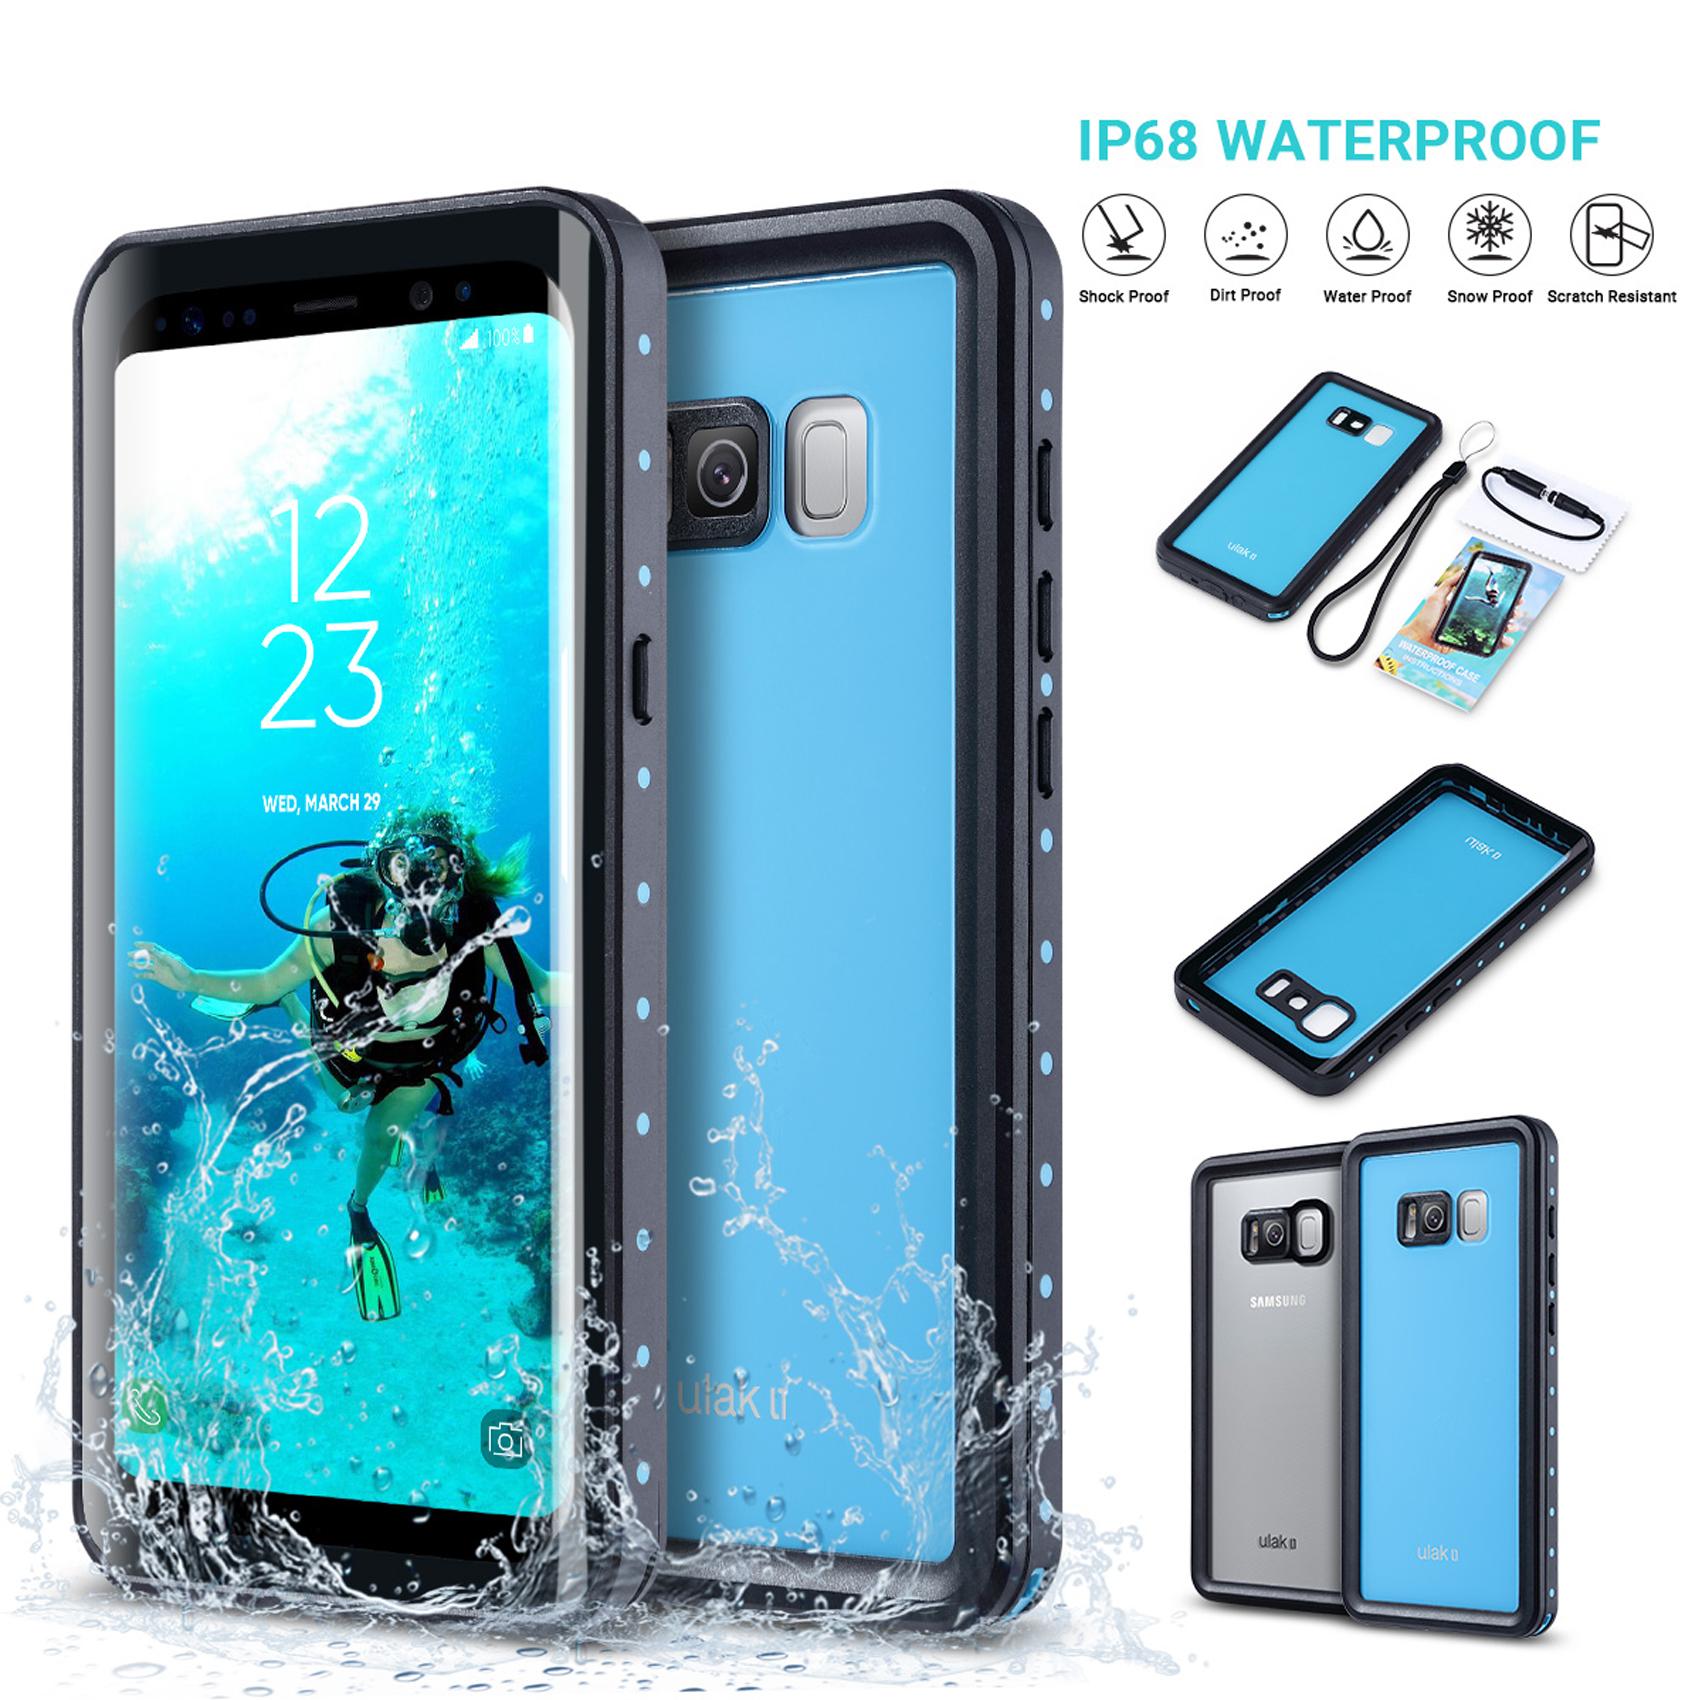 Samsung S8 IP68 Waterproof Full Cover Case - Black